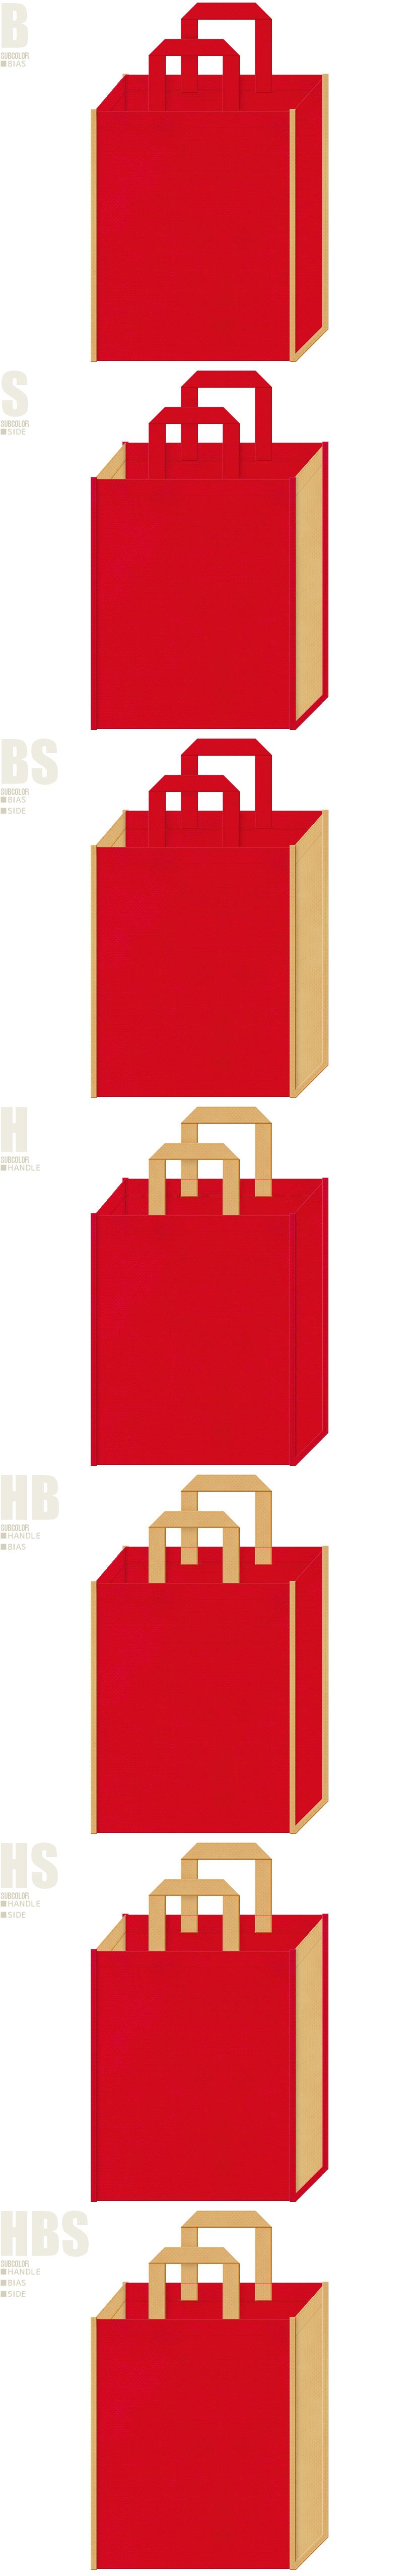 不織布トートバッグのデザイン:節分用品のショッピングバッグにお奨めの配色です。